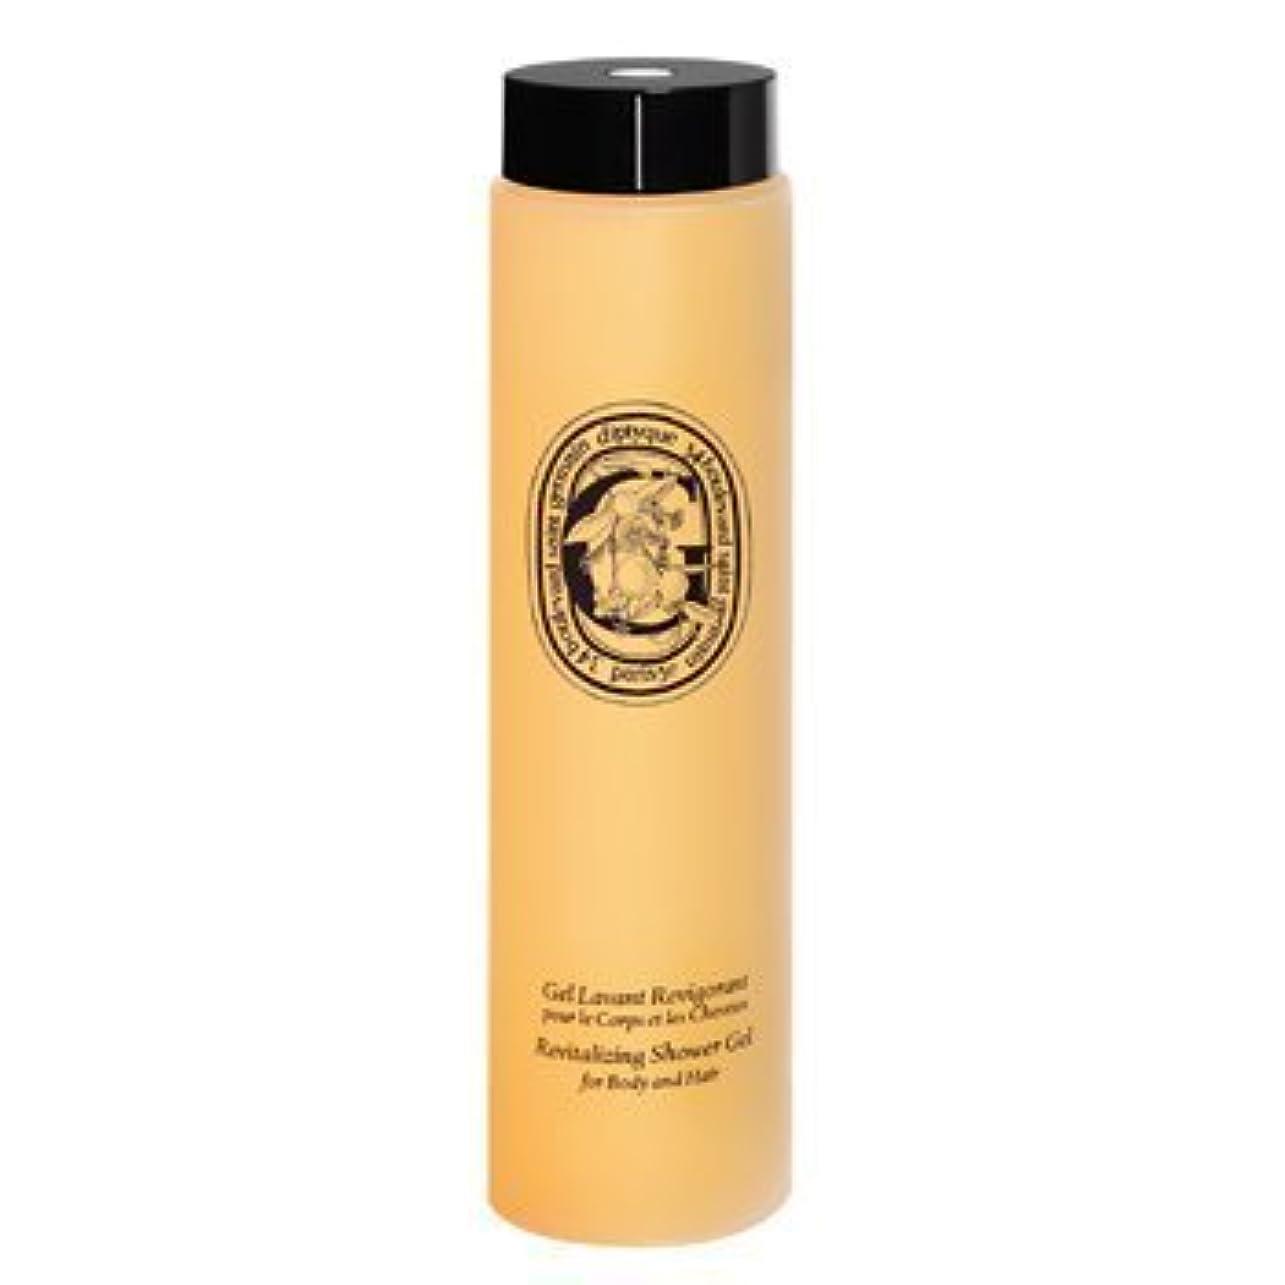 回転混乱させる請願者Diptyque The Art of Body Care Revitalizing Shower Gel Hair & Body-6.8 oz by Diptyque [並行輸入品]